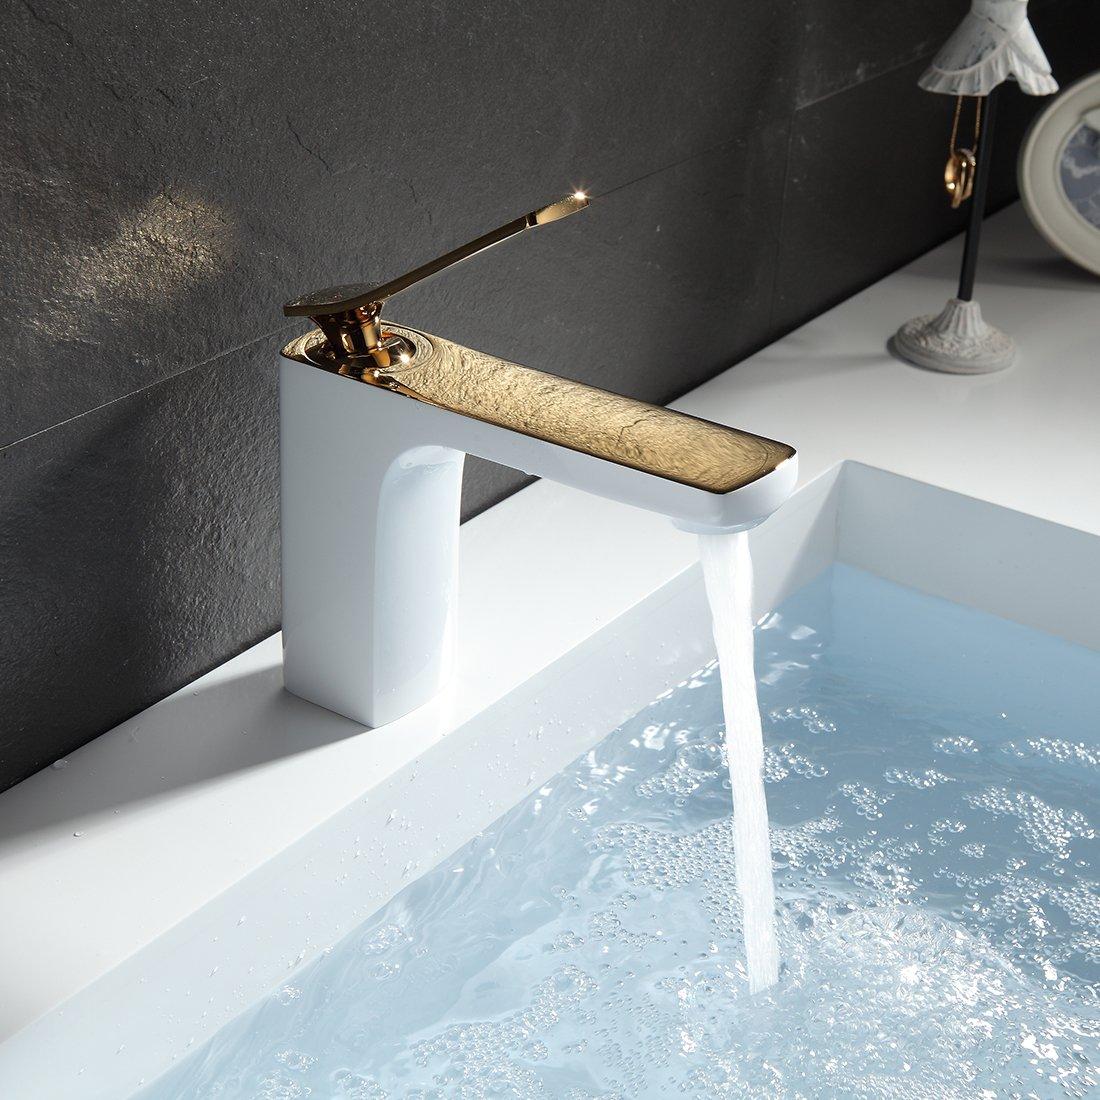 Bezaubernd Bad Waschbecken Das Beste Von Gimili Amaturen Badezimmer Wasserhahn Armatur Weiss Gold